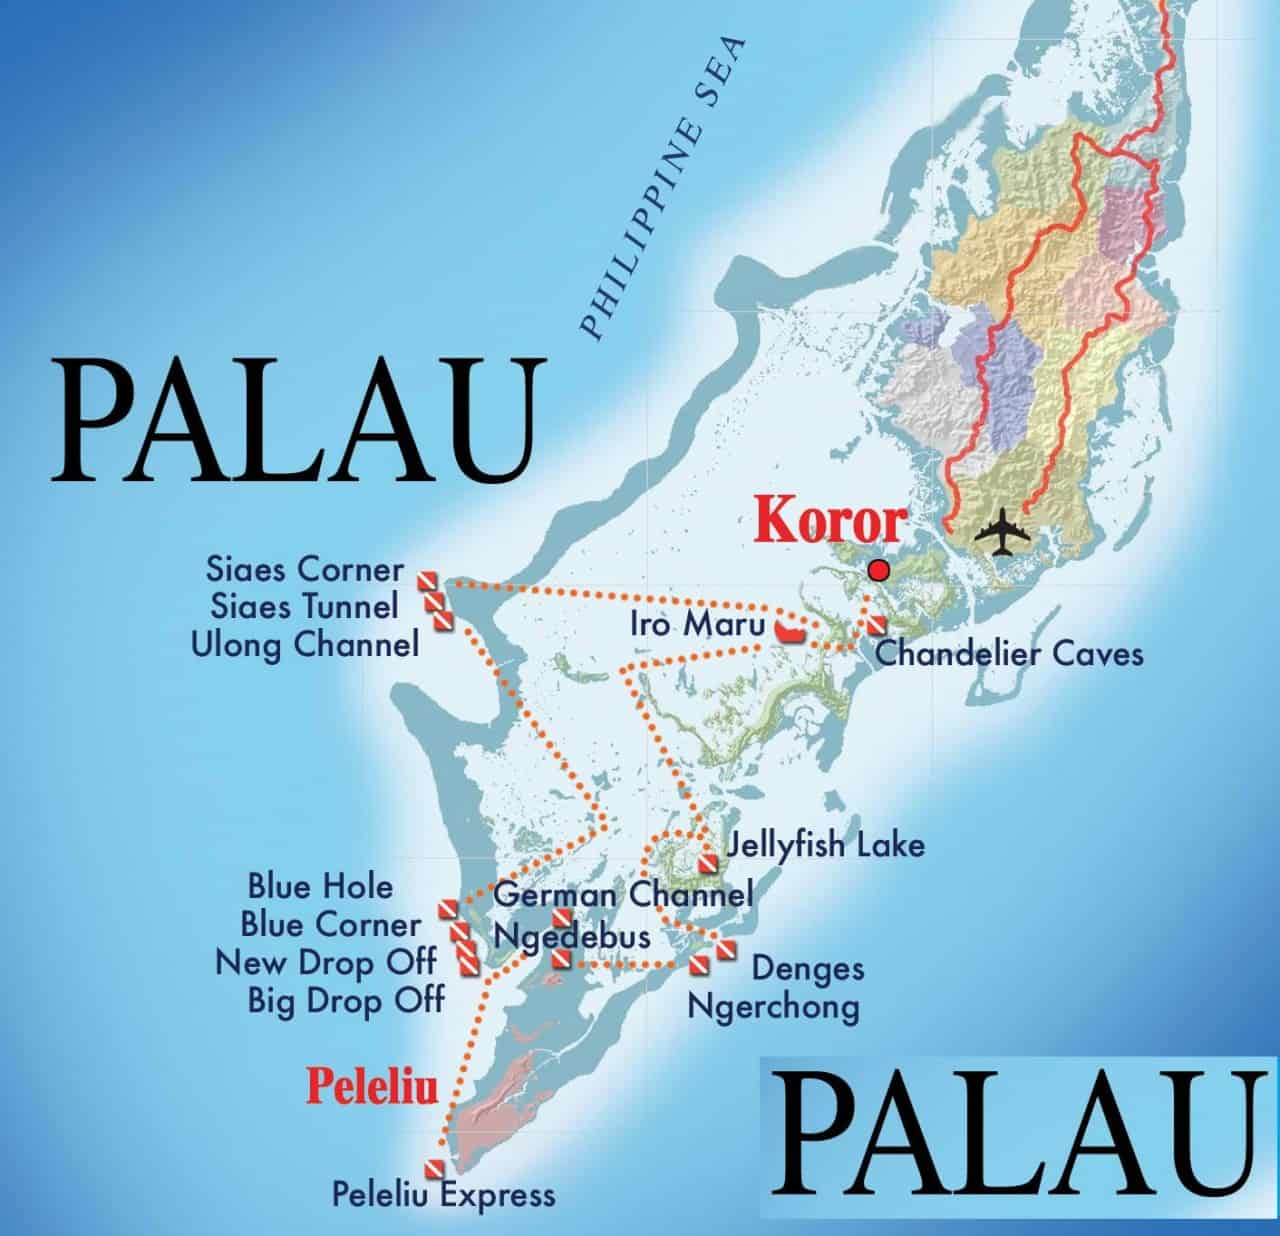 palau-liveaboard-itinerary